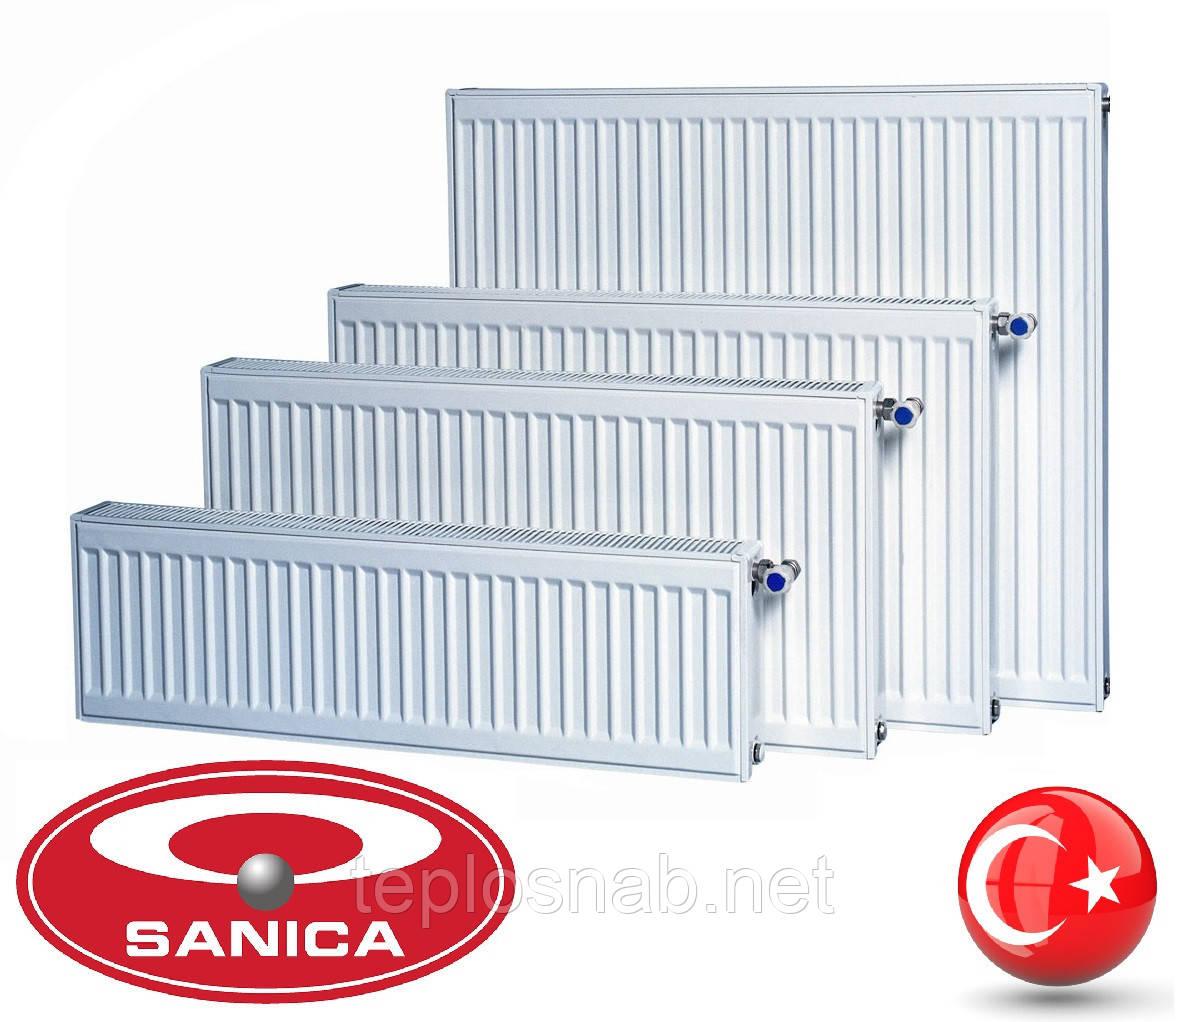 Стальной радиатор Sanica 11 тип (500 х 1100 мм) / 1086 Вт